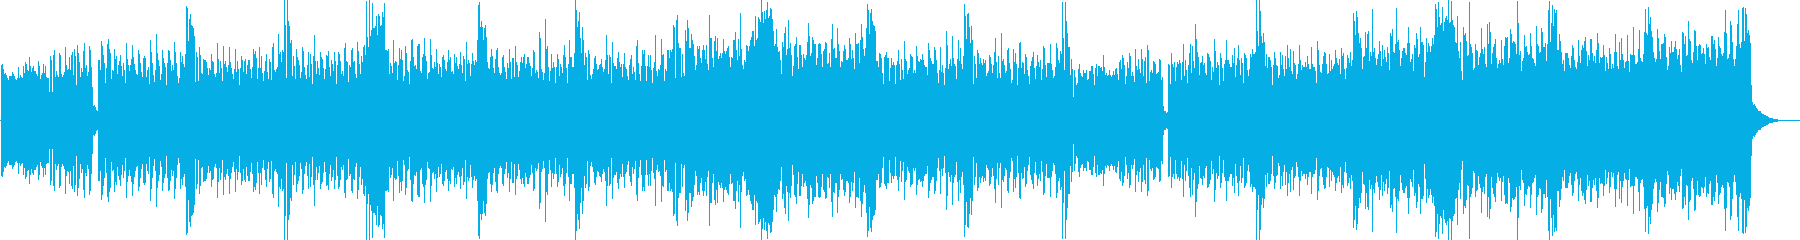 キラキラしたエレクトリカルパレード風曲dの再生済みの波形